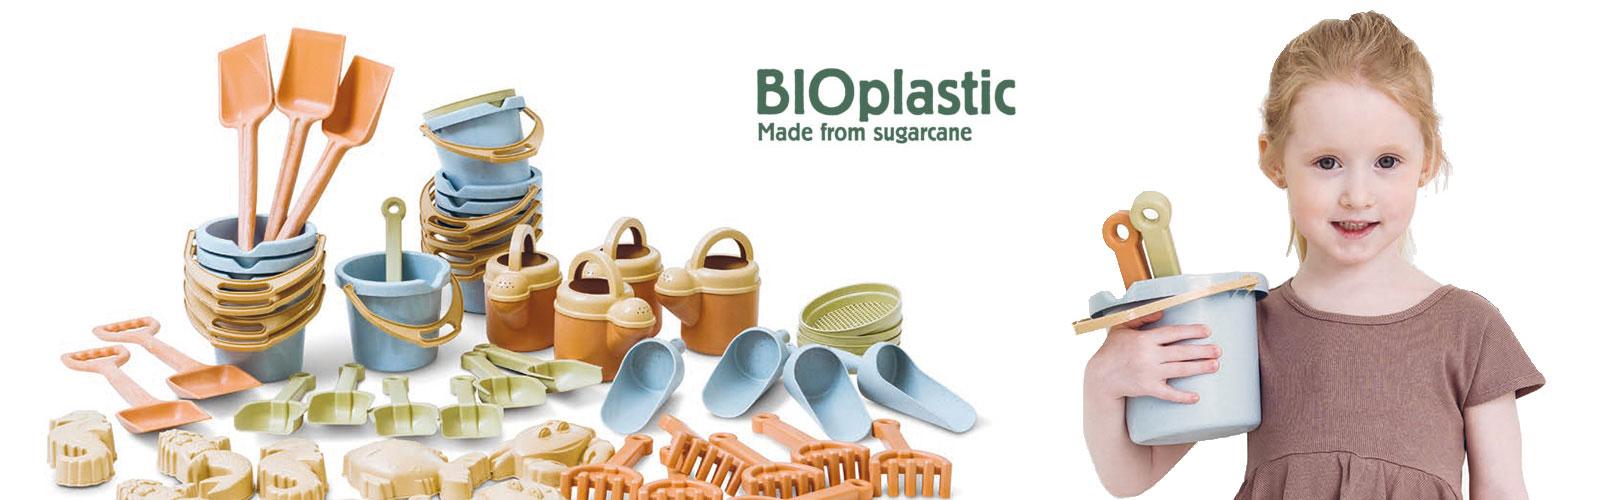 3 pr - dantoy BIOplastic